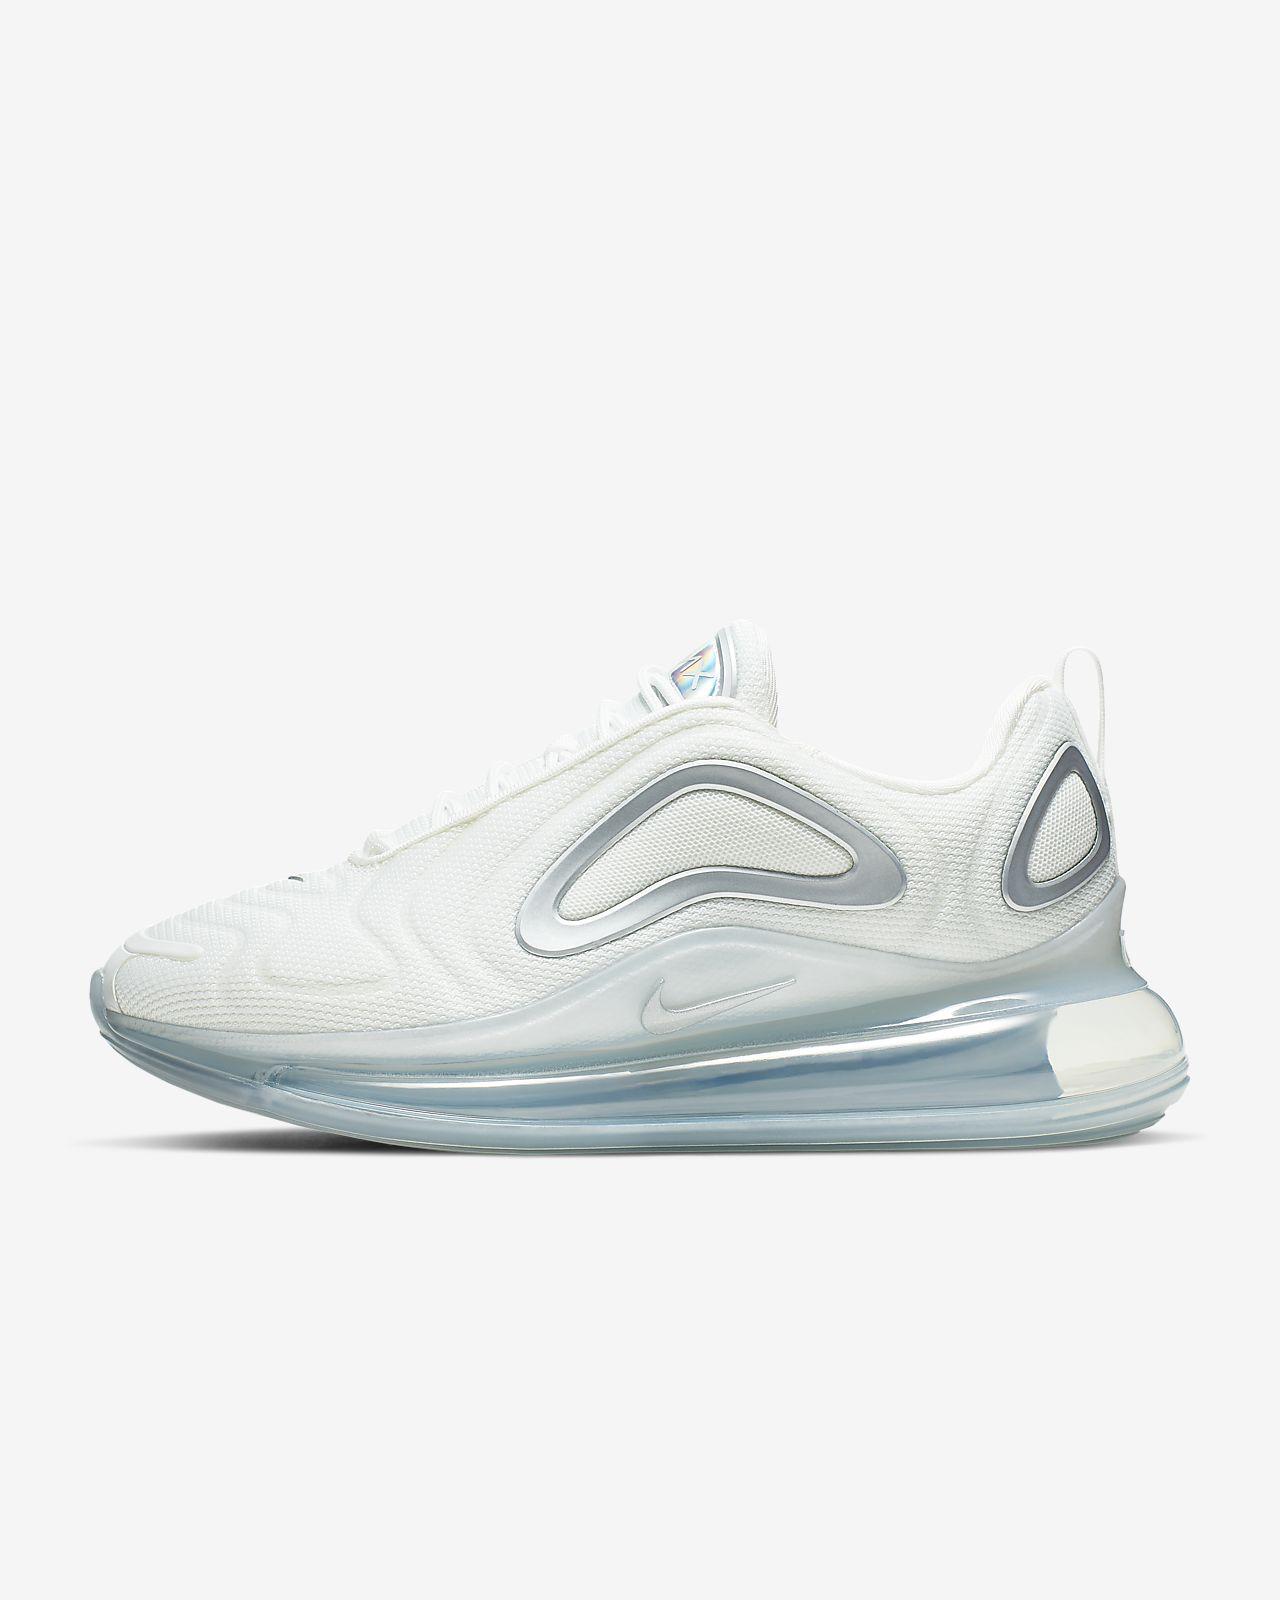 Γυναικείο παπούτσι με ιριδίζουσα όψη Nike Air Max 720